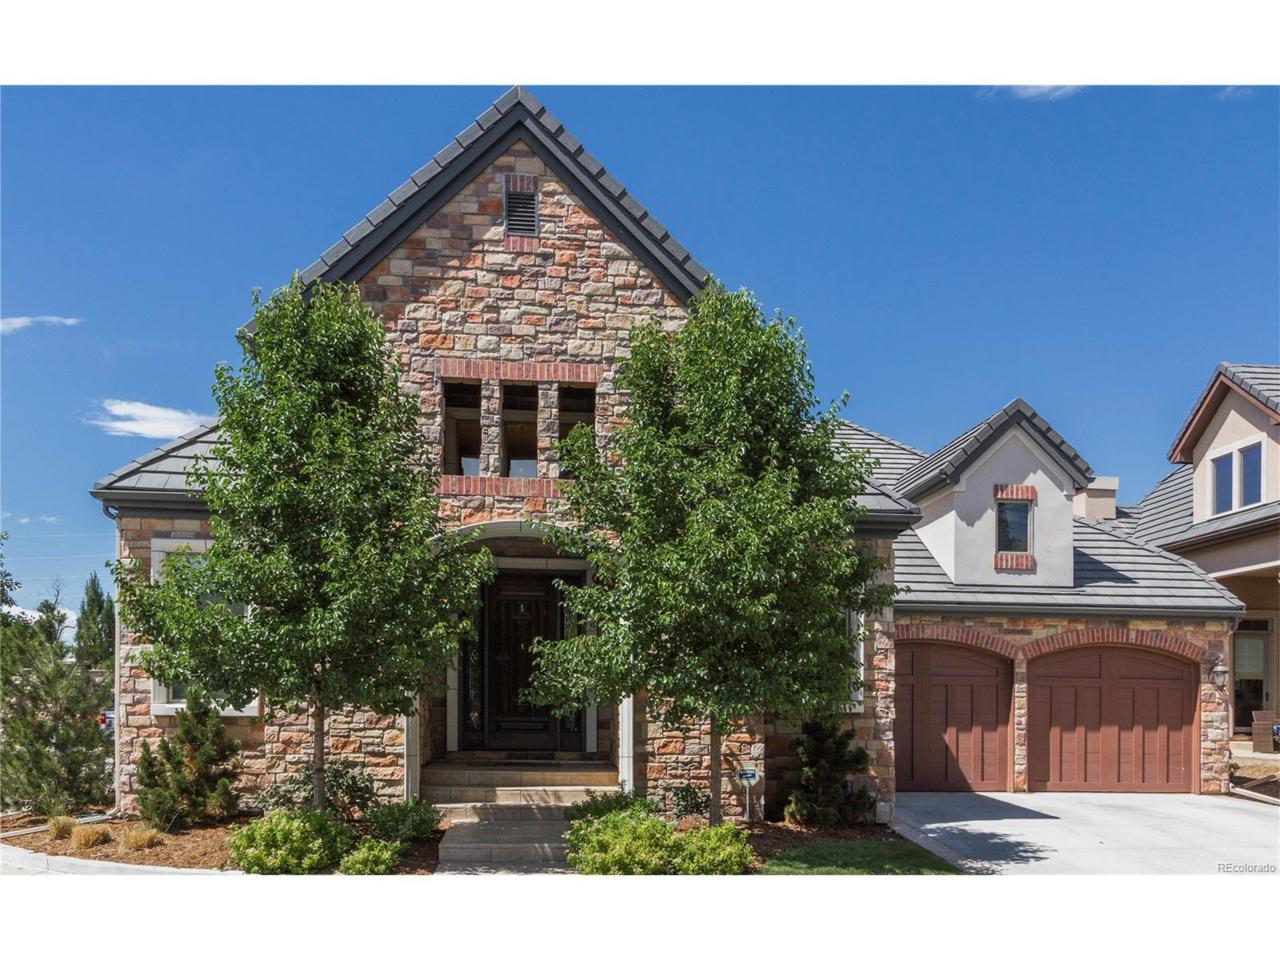 8683 E Iliff Drive, Denver, CO 80231 (MLS #4973891) :: 8z Real Estate